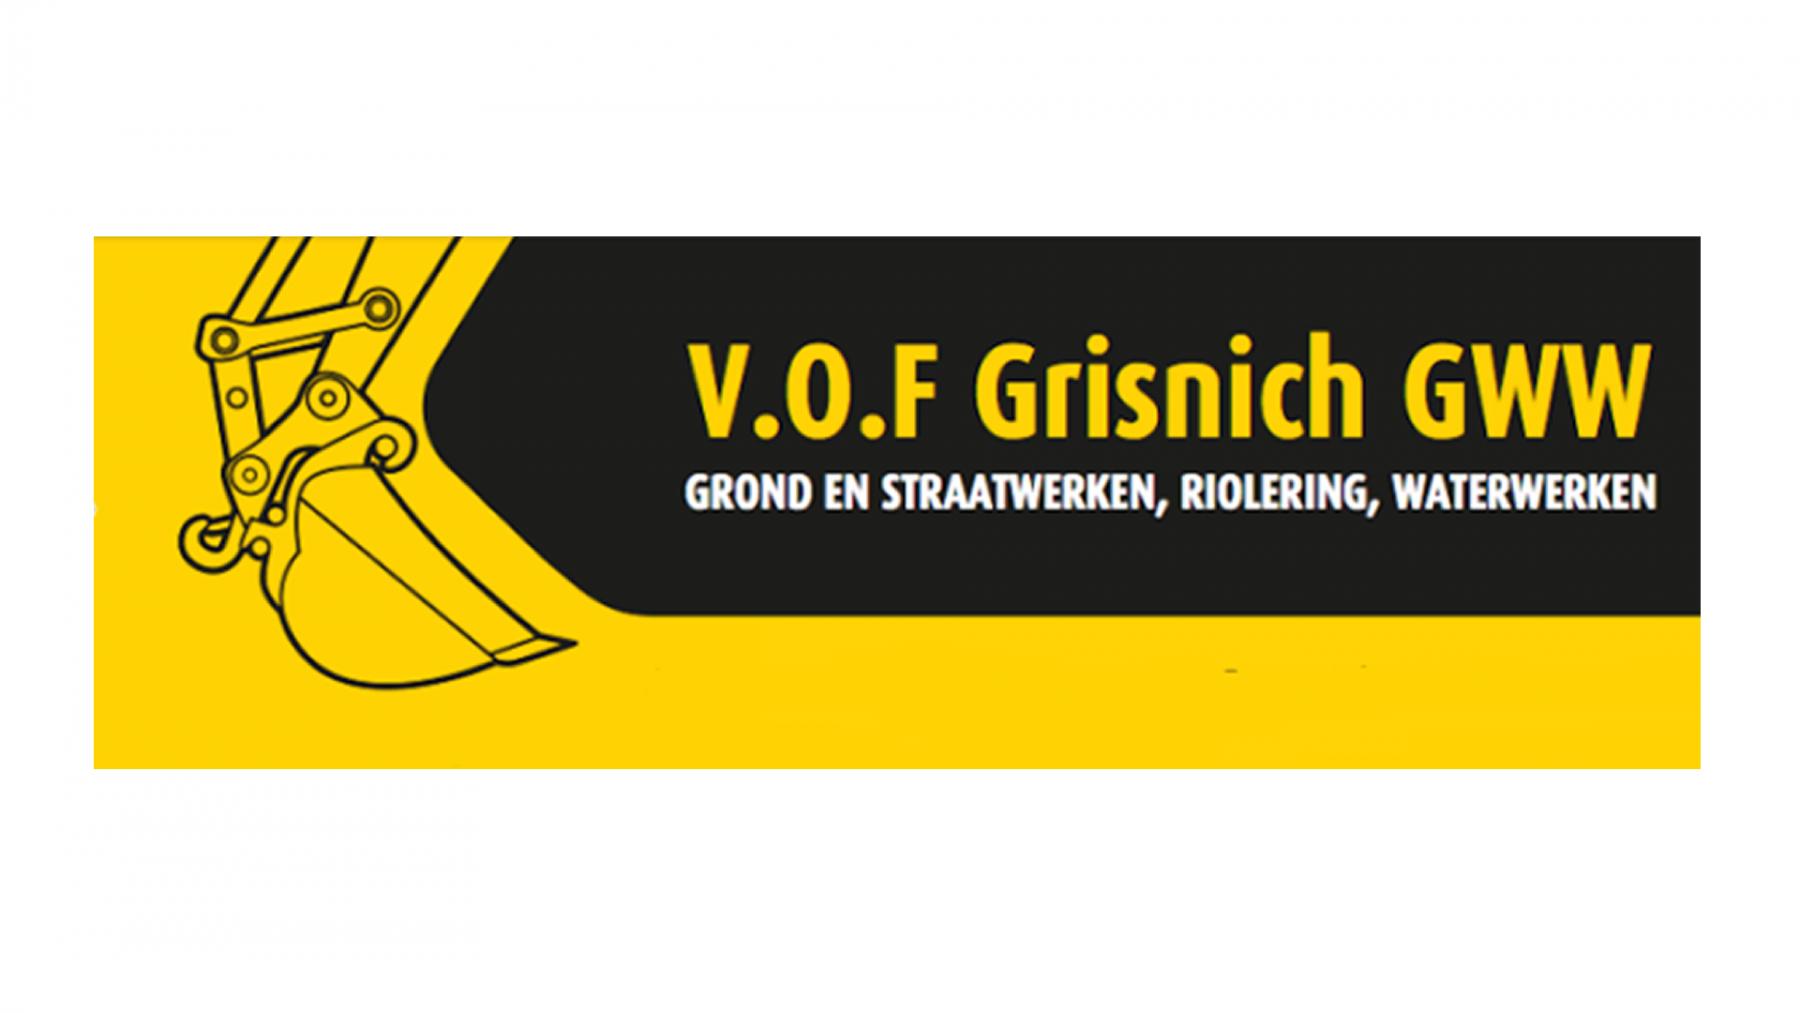 Grisnich-GWW.fw_